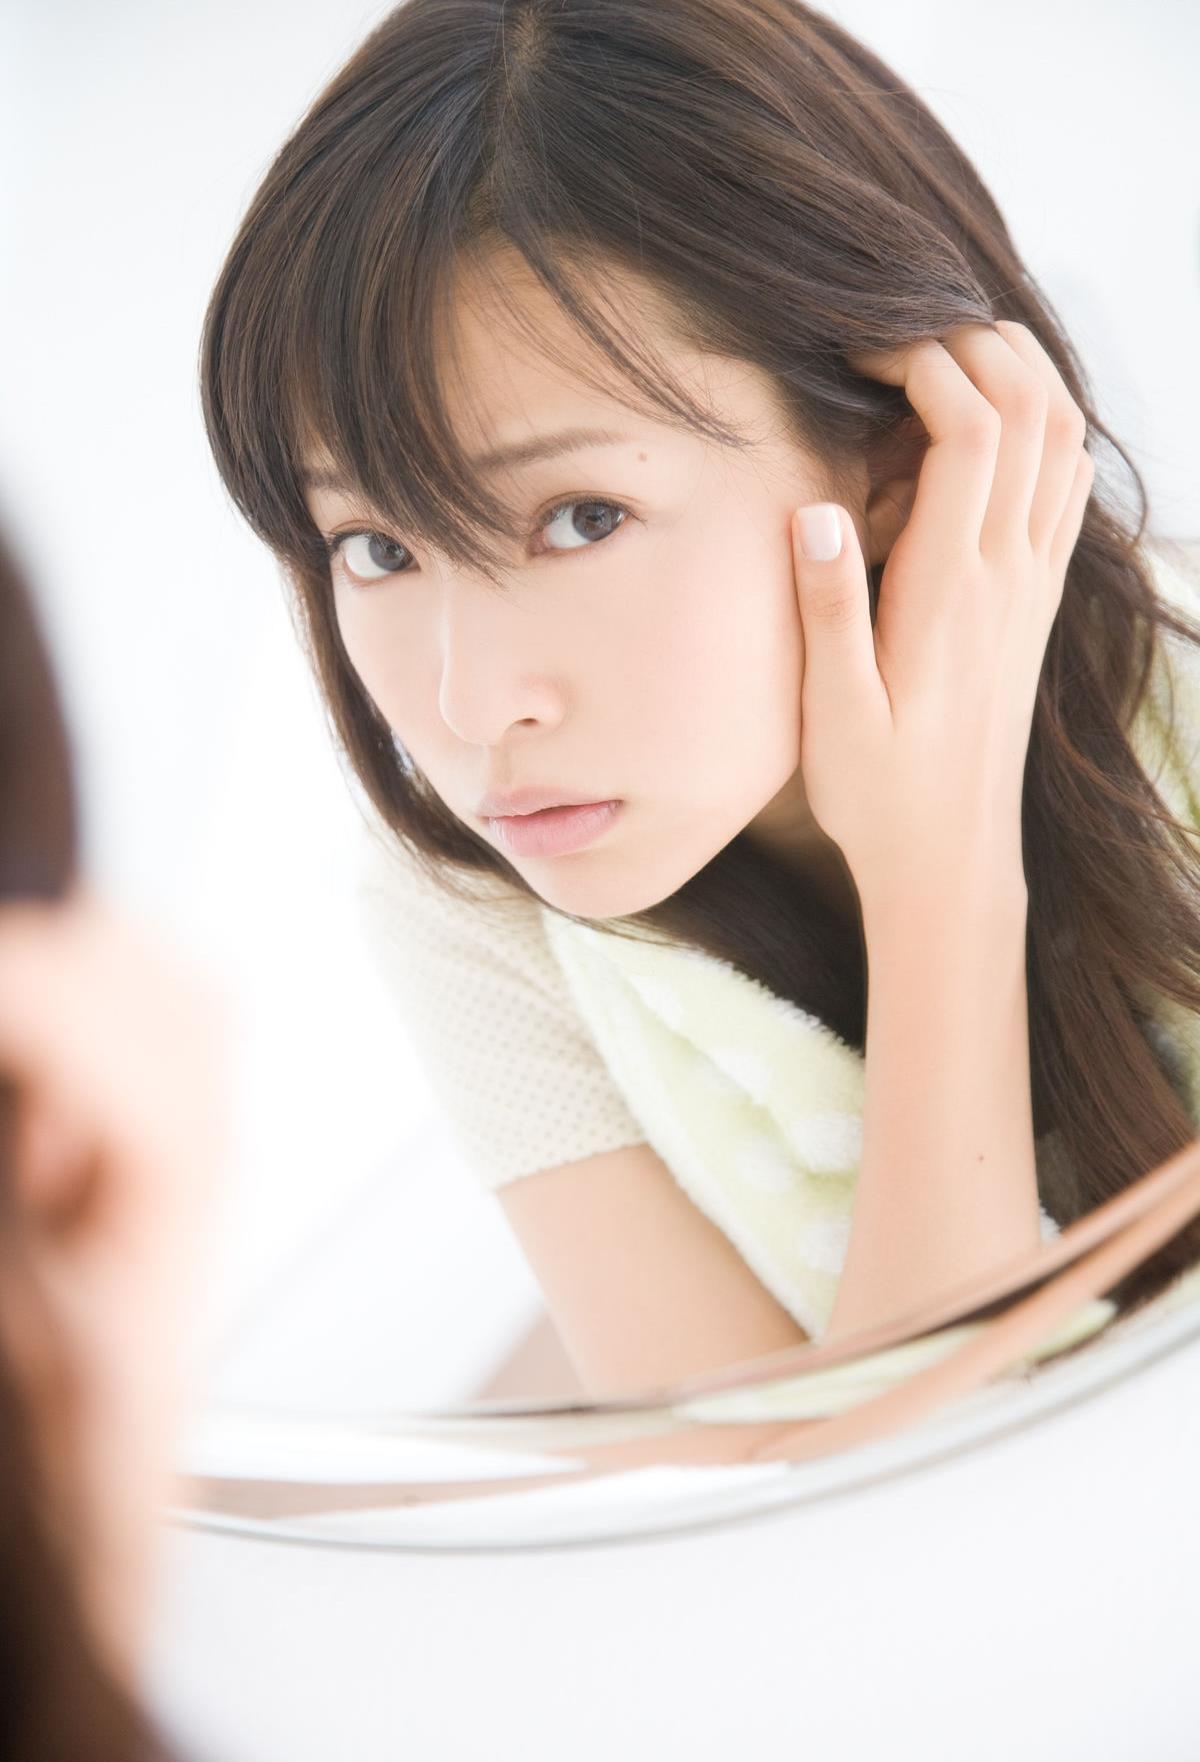 戸田恵梨香 画像 40